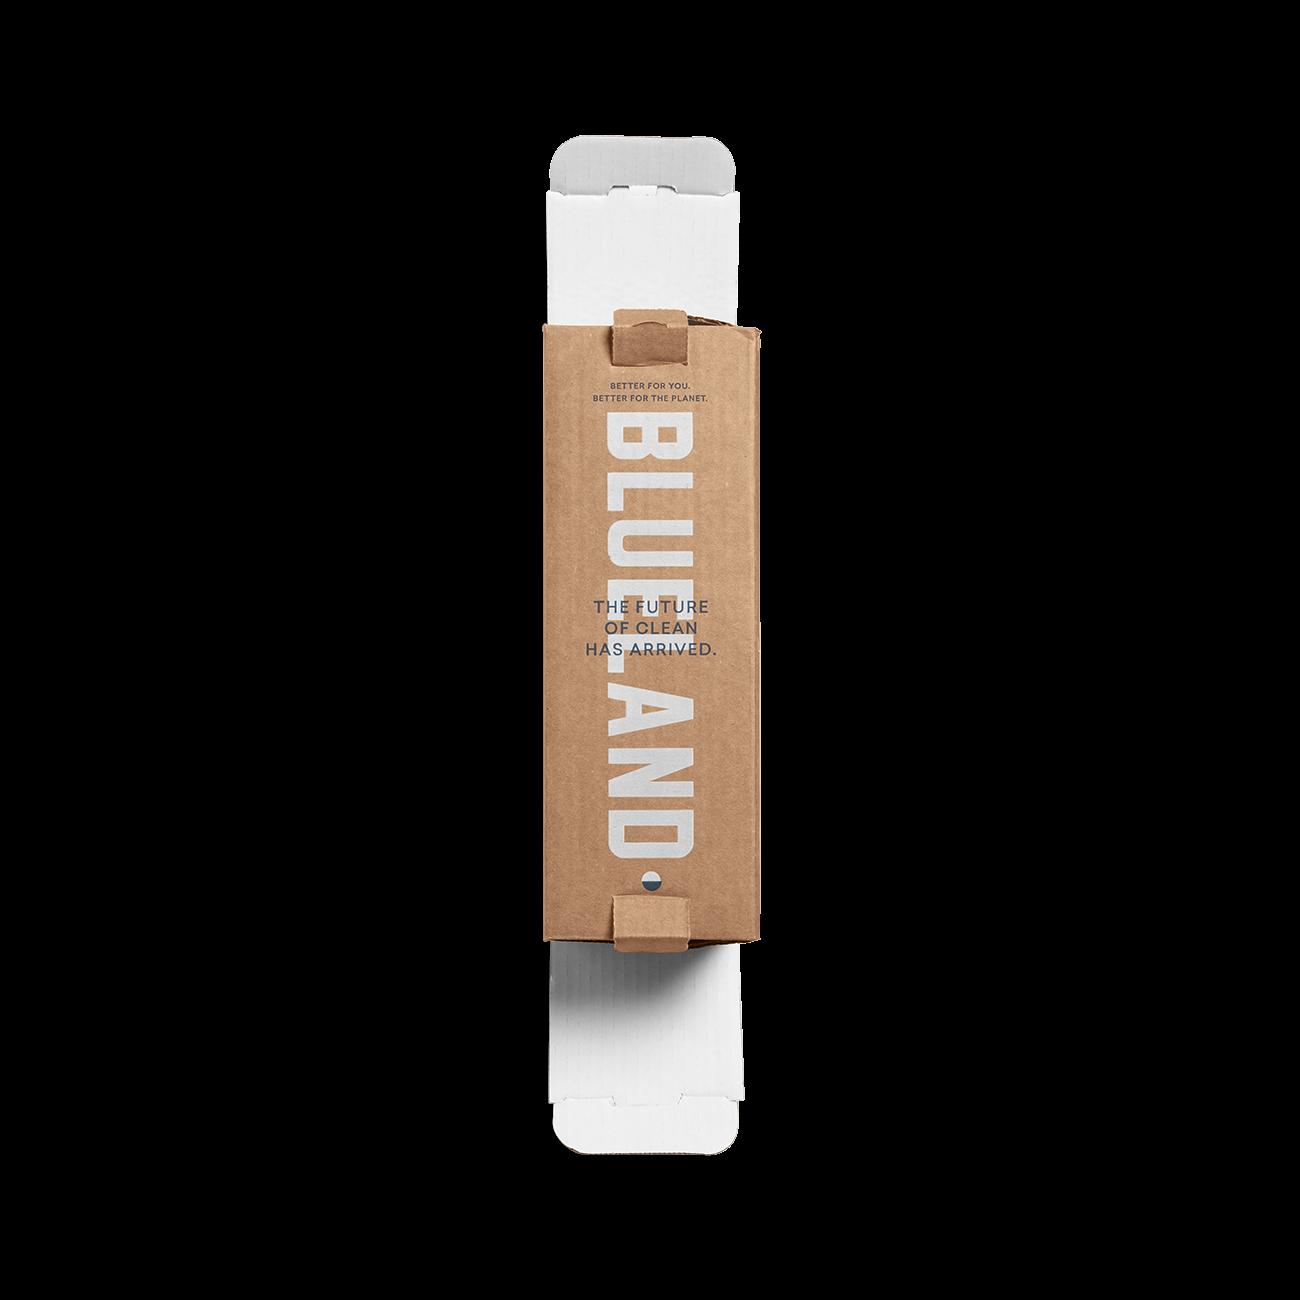 Custom straight tuck end corrugated mailer box with catalog lock, dust flaps, unituck slit lock top, unituck slit lock bottom. Flexography on natural kraft liner, mottled white liner.